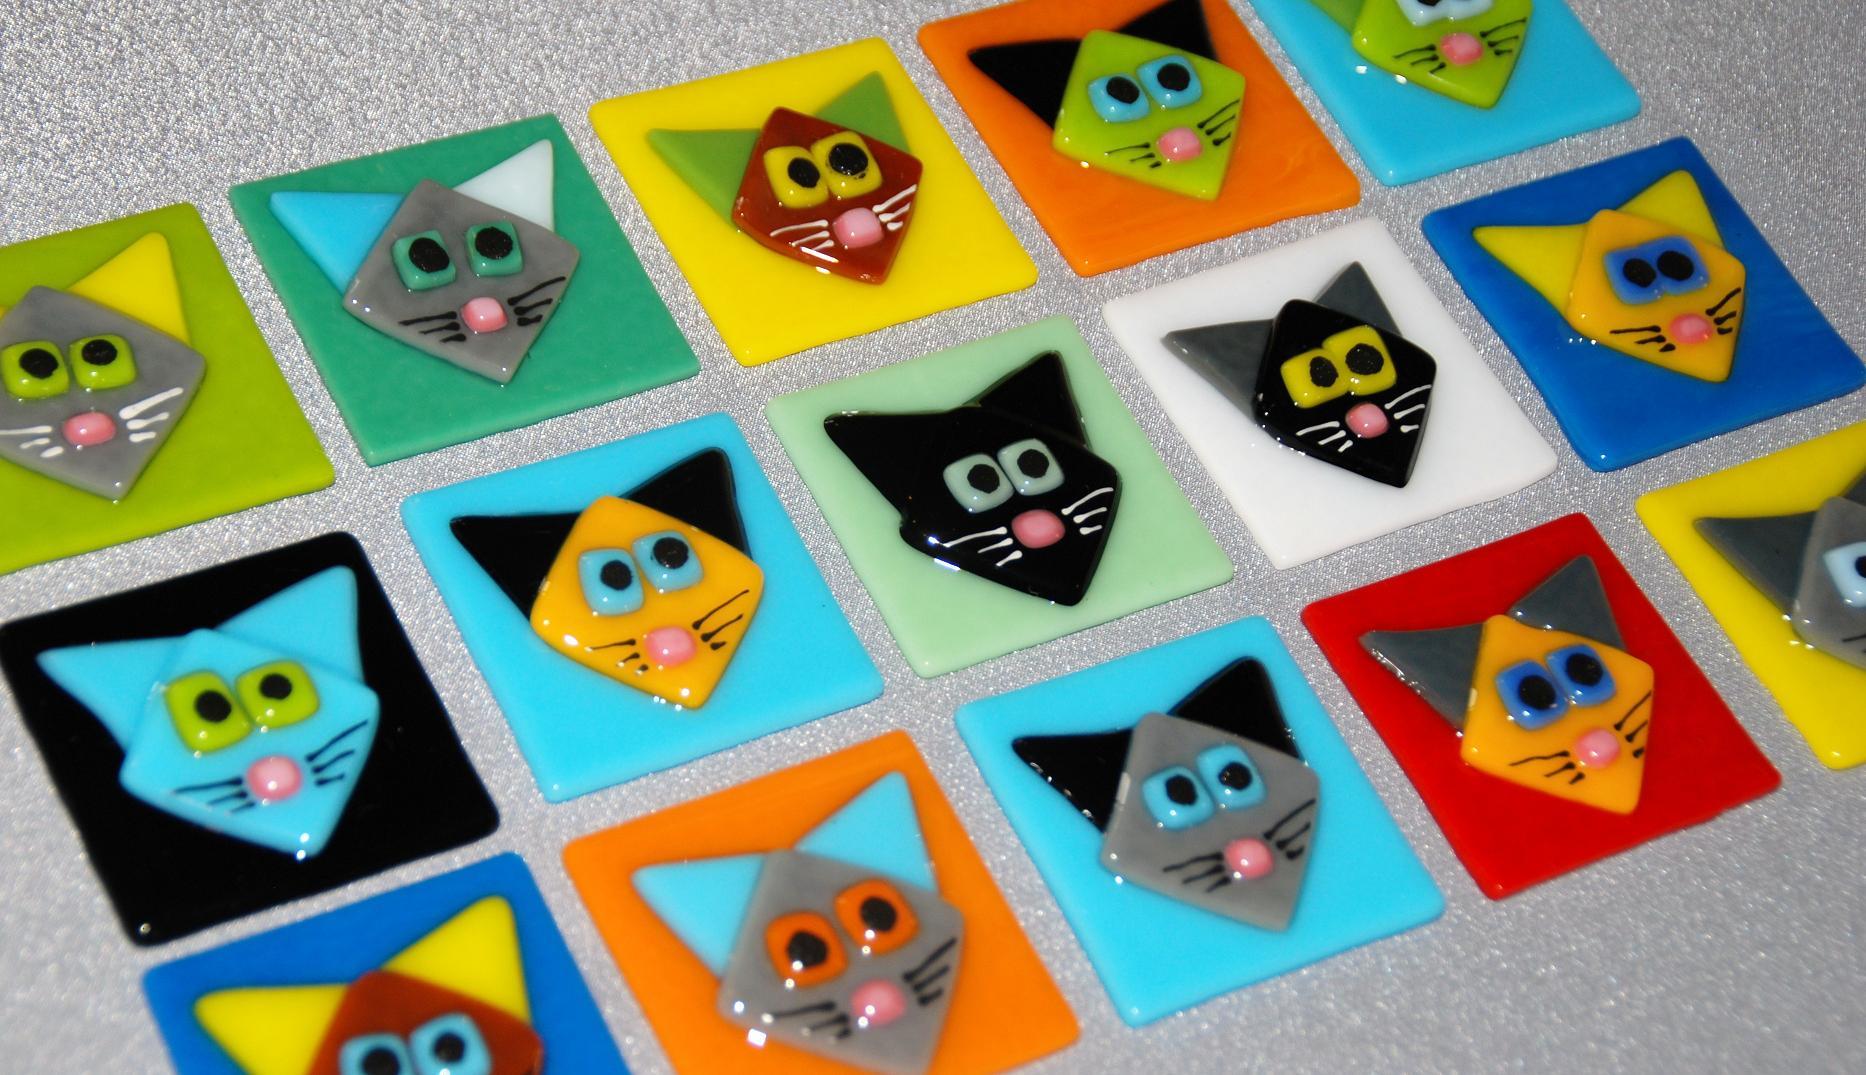 cat face tiles tilted.JPG